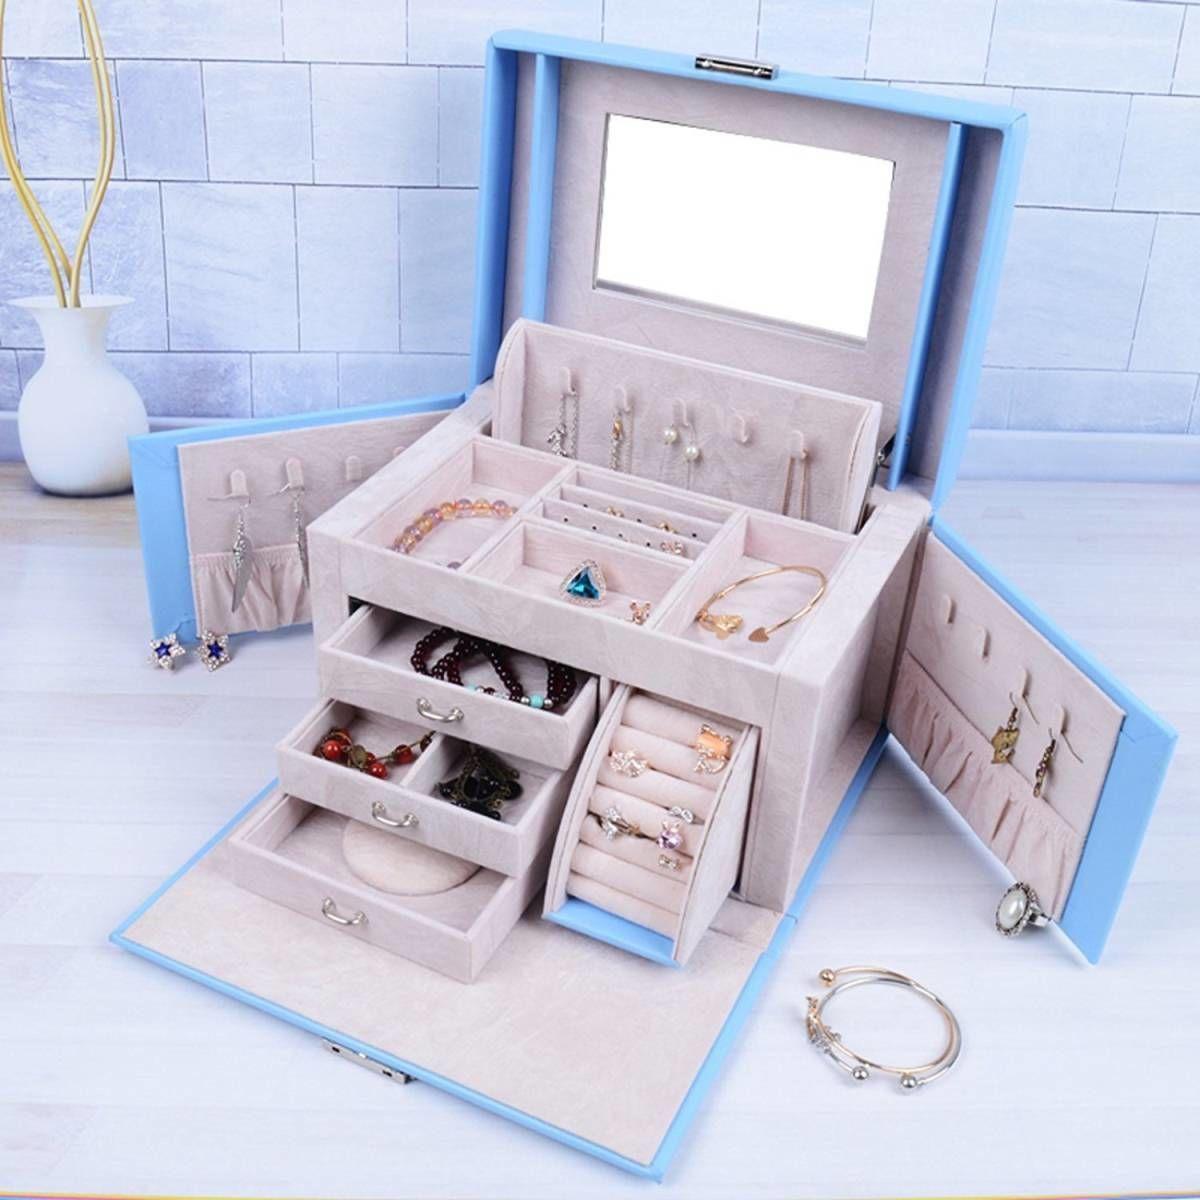 高級 水色 ライトブルー ジュエリーボックス アクセサリーケース ジュエリーボックス 大容量 鏡付き ネックレス収納 上品フェミニン